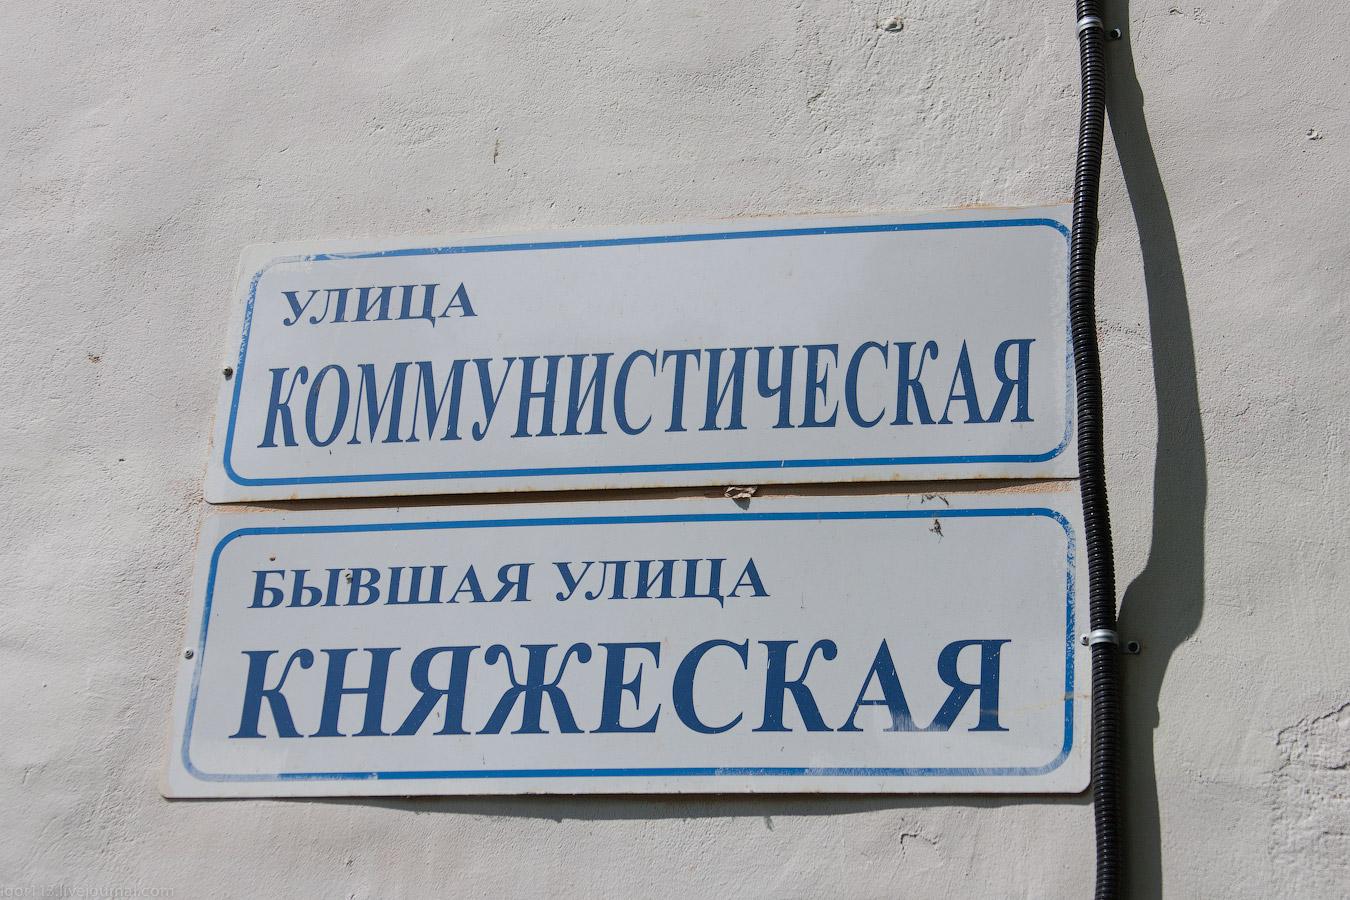 KIL_1661